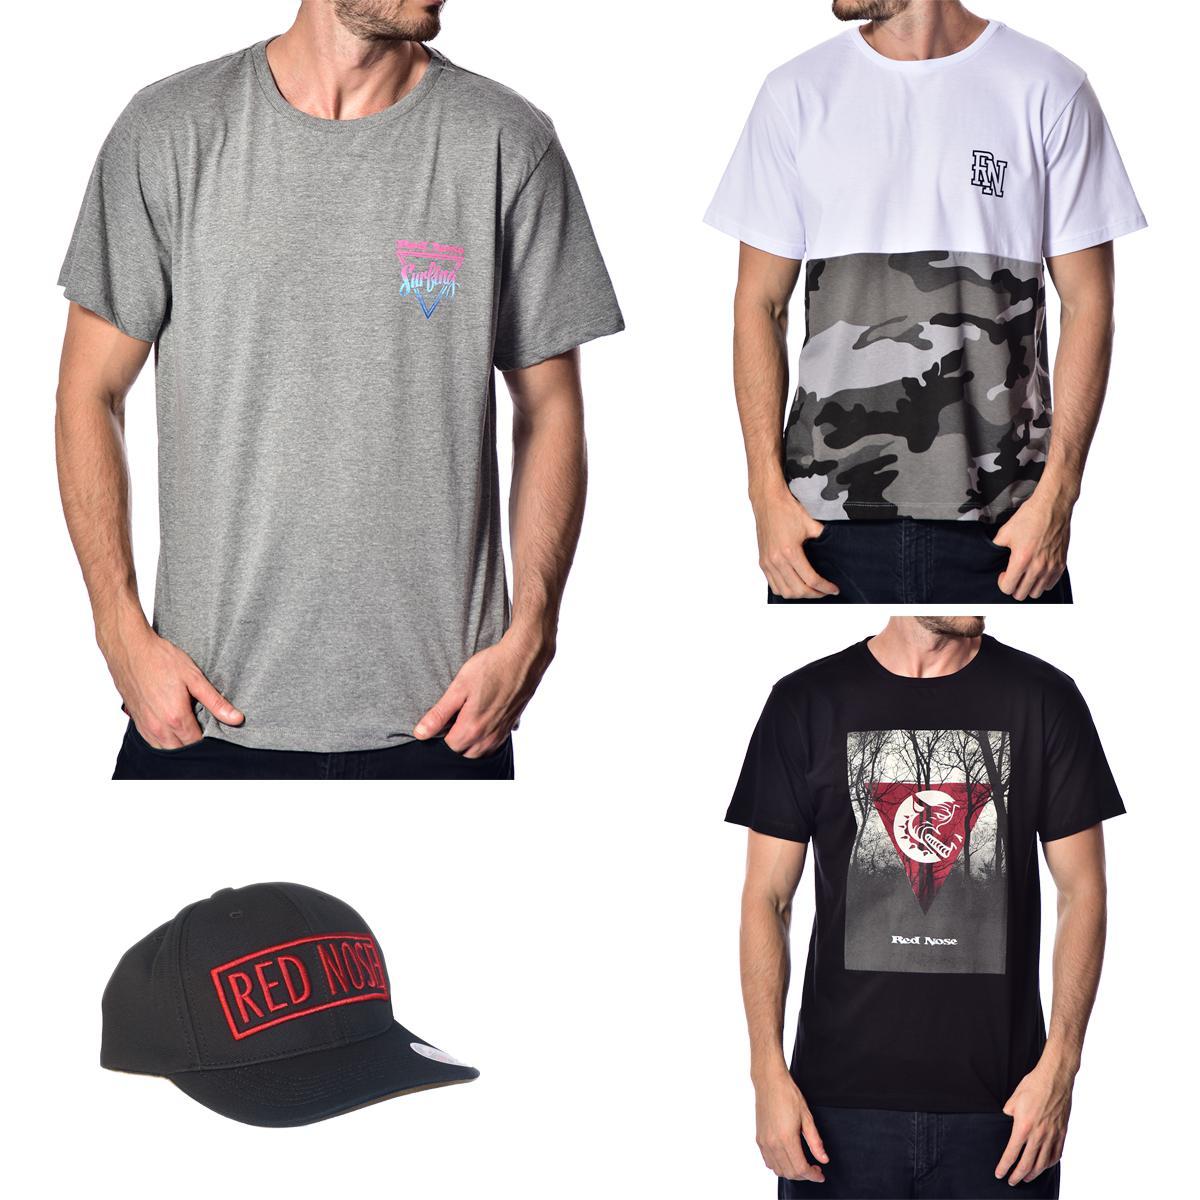 KIT 3 Camisetas e Boné Red Nose - Cinza Escuro e Branco e Preto P